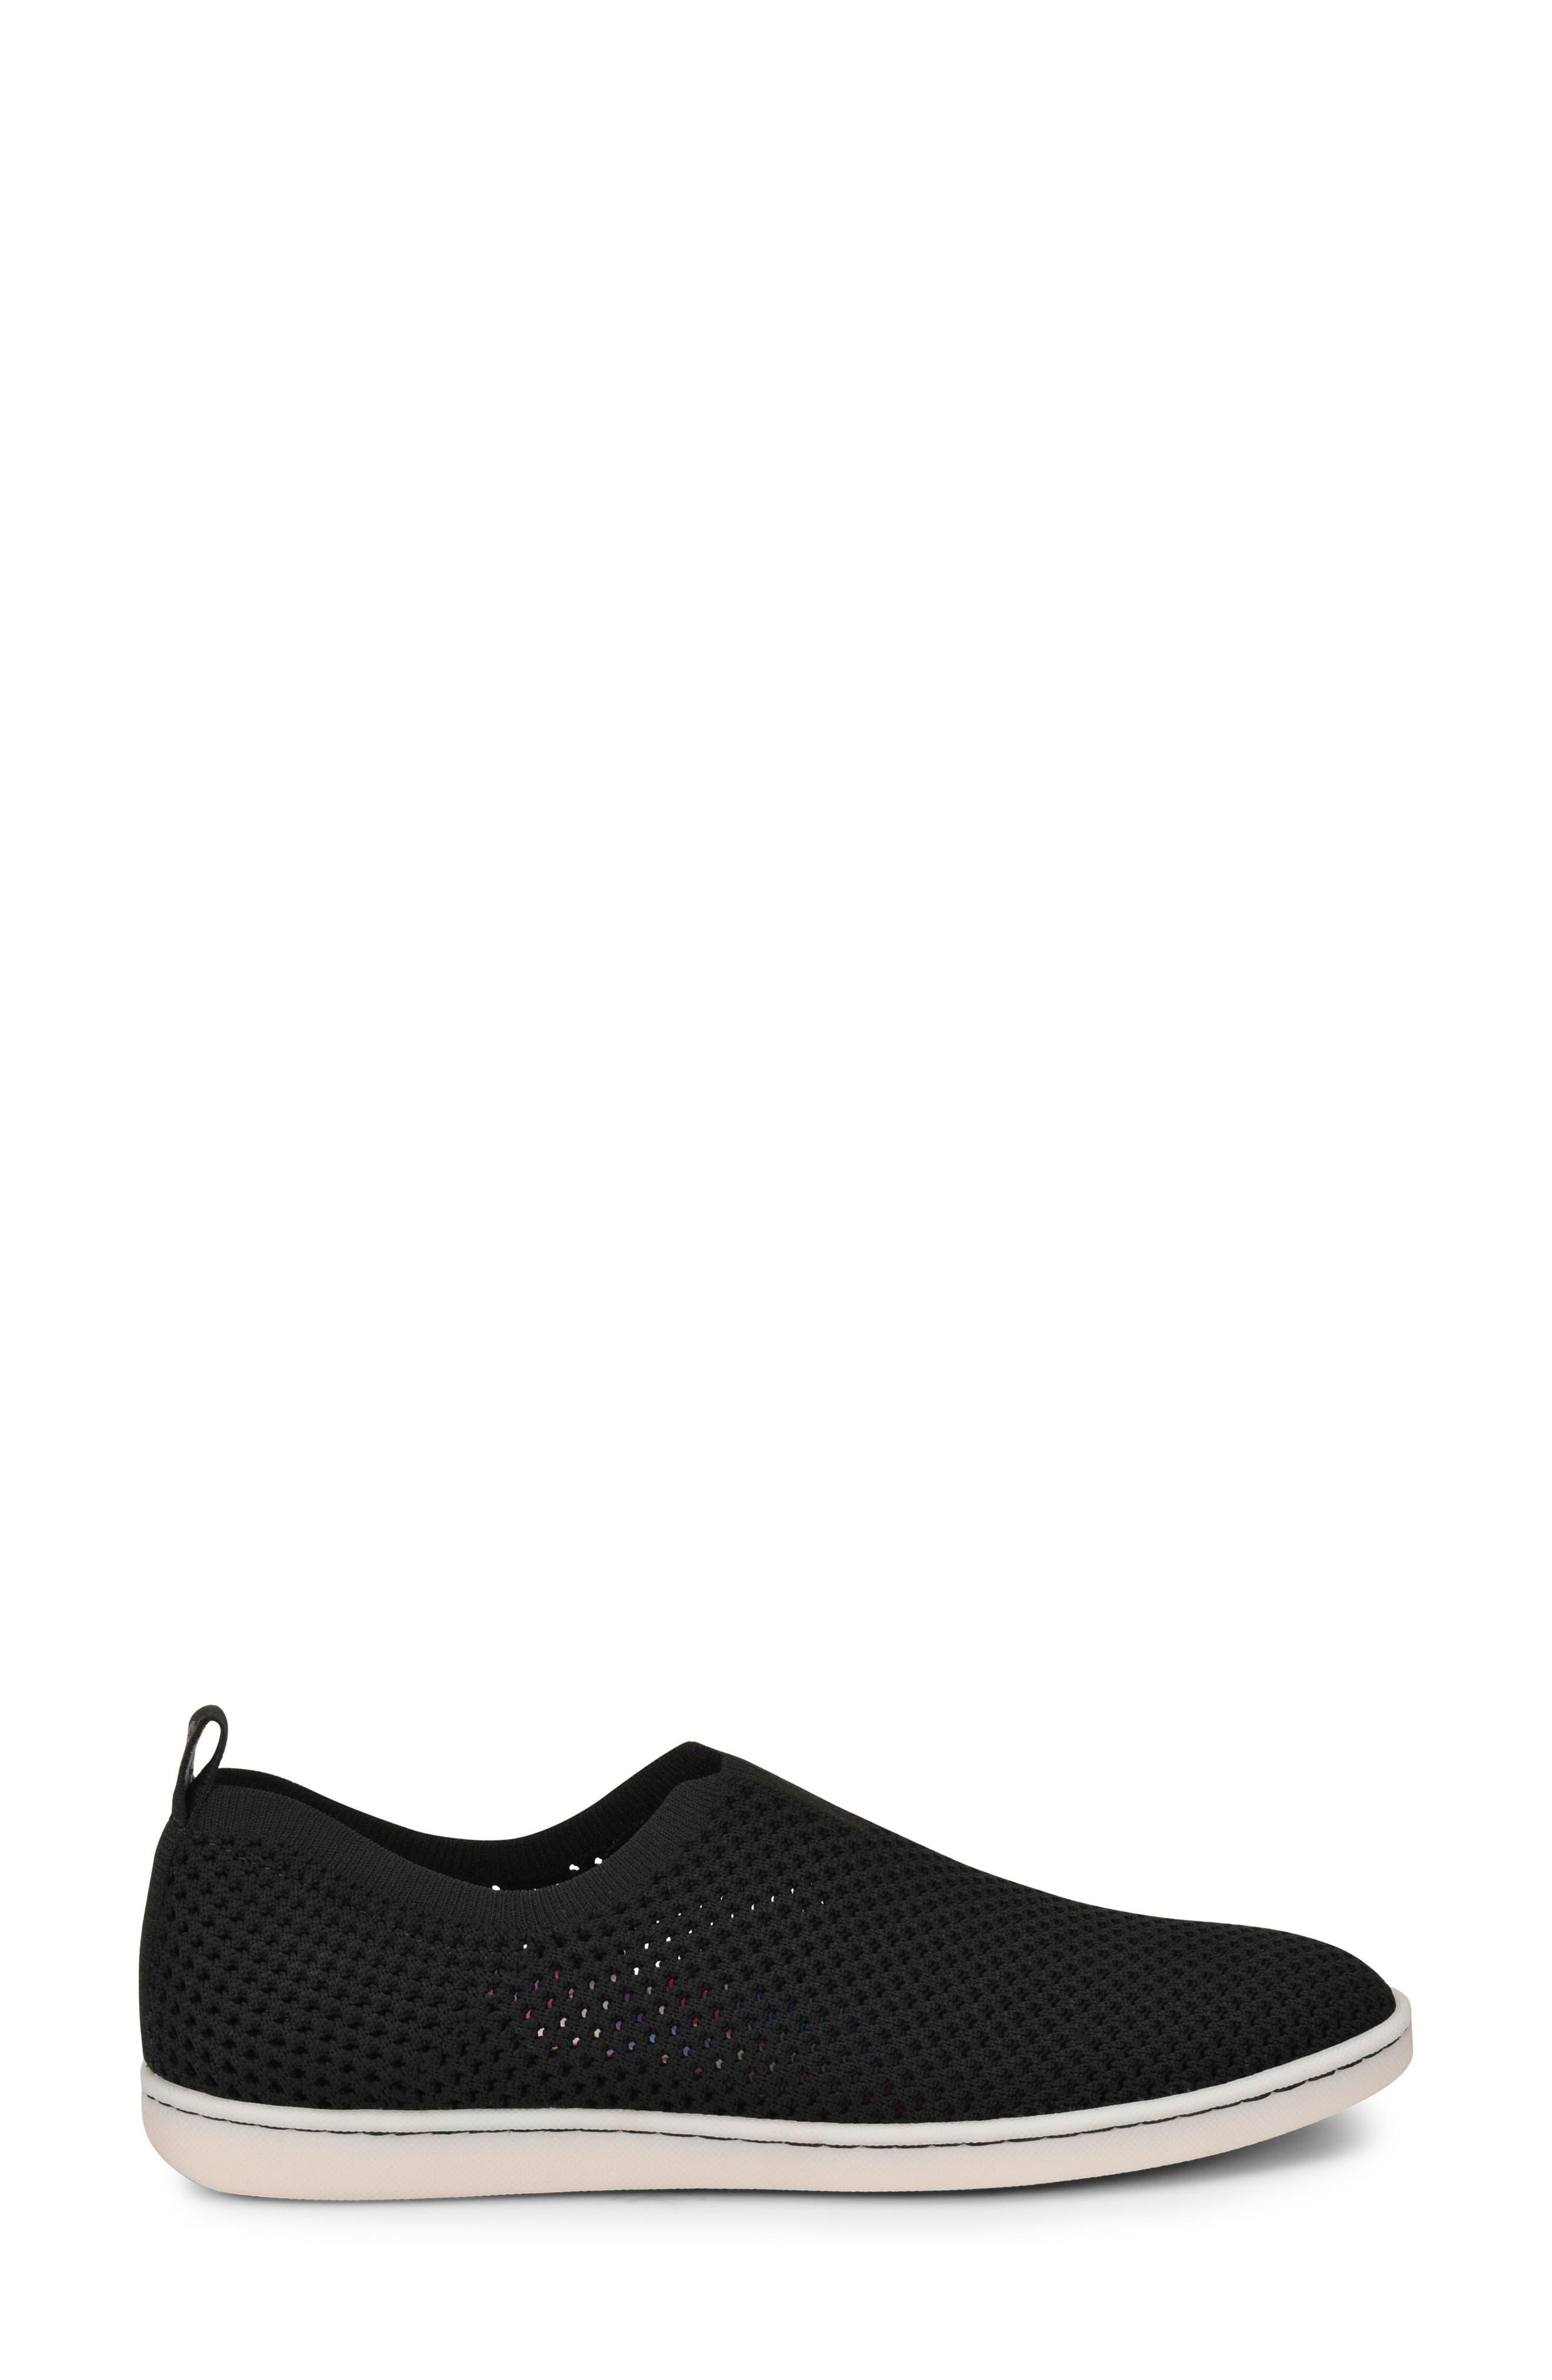 Hazy Slip-On Sneaker,                             Alternate thumbnail 11, color,